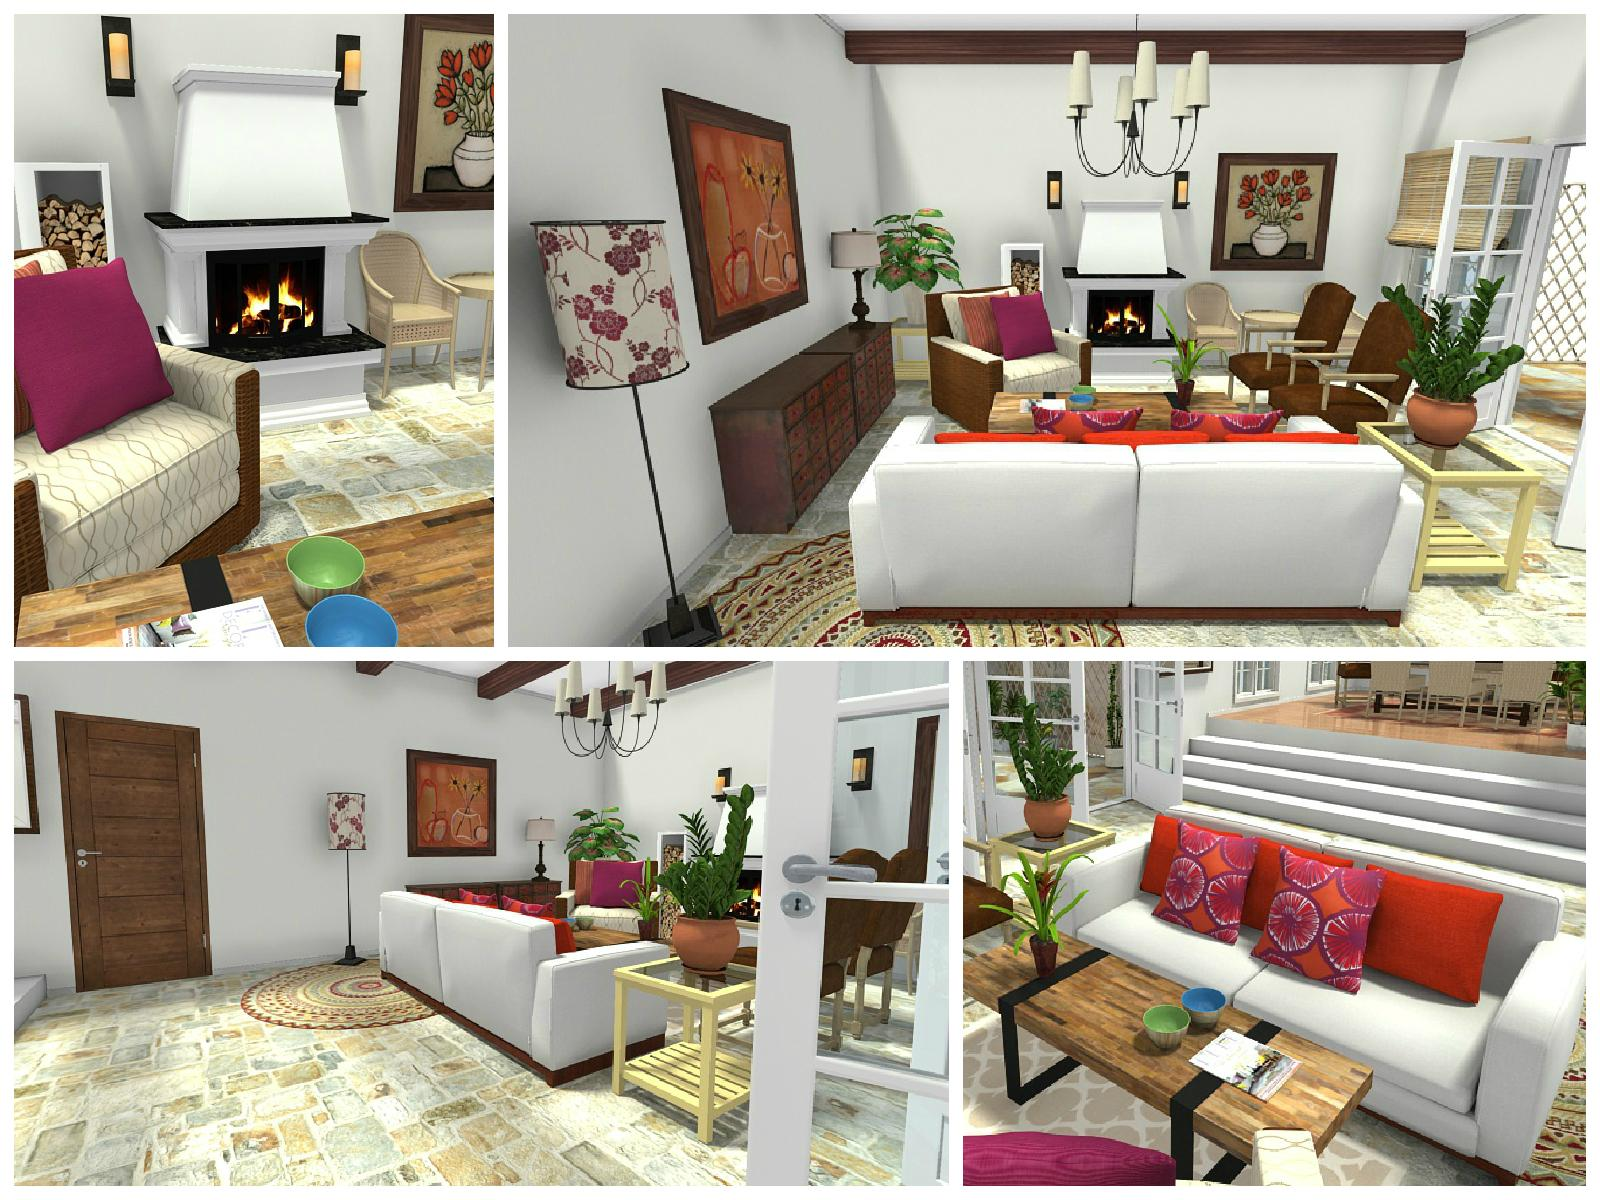 Erstaunlich Wohnzimmer Mediterran Das Beste Von Einrichten Und Wohnen In 3d #terrasse #wohnzimmer